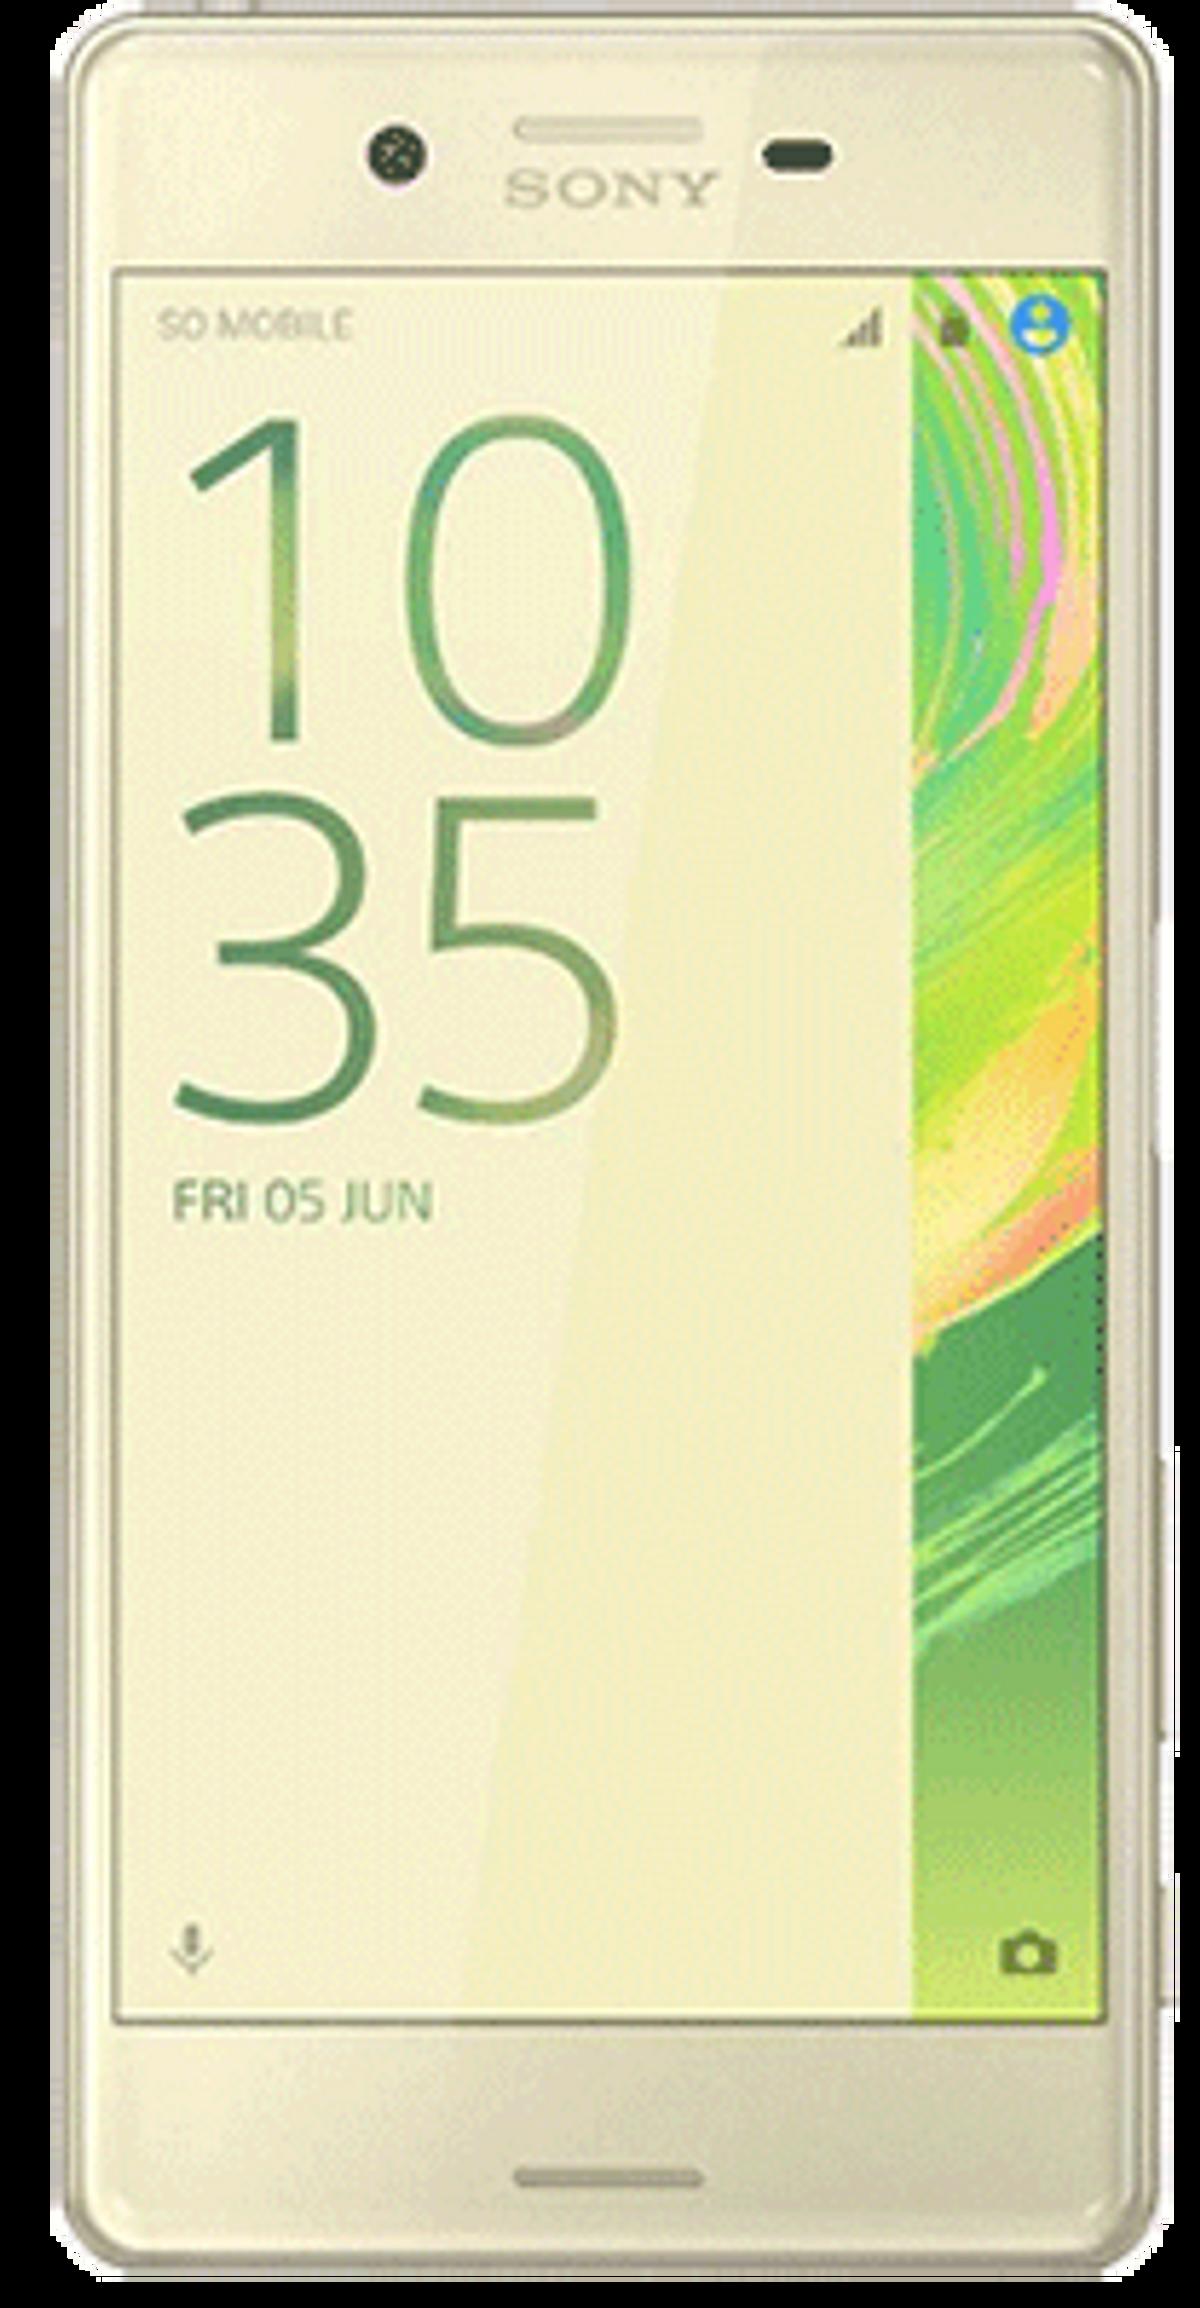 ਸੋਨੀ Xperia X Dual SIM